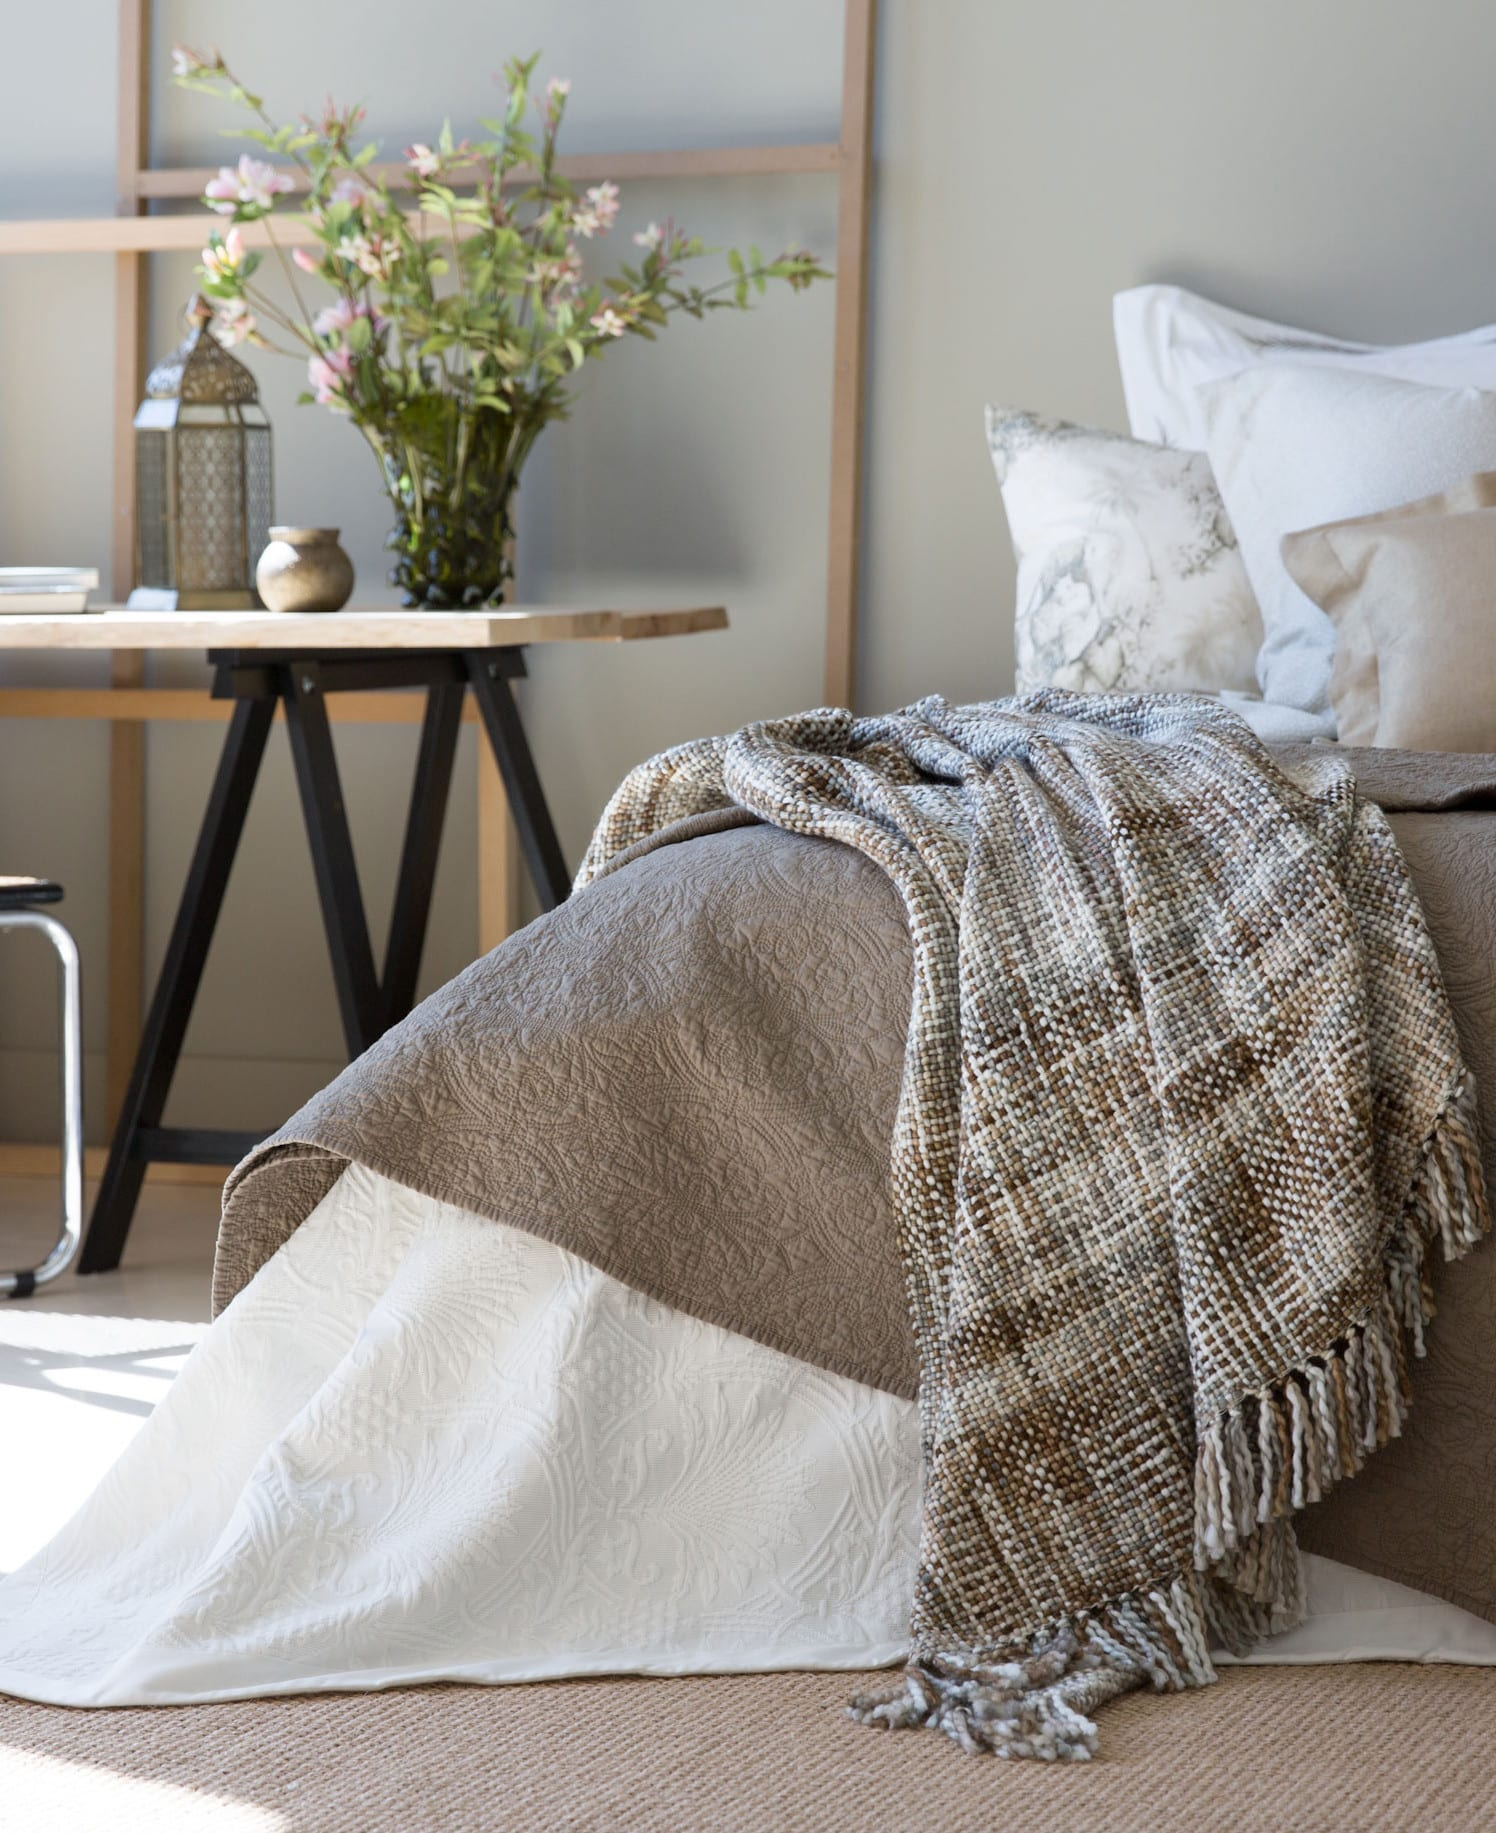 schlafzimmer gestalten mit schreibtisch holz und zara bettdecke grau